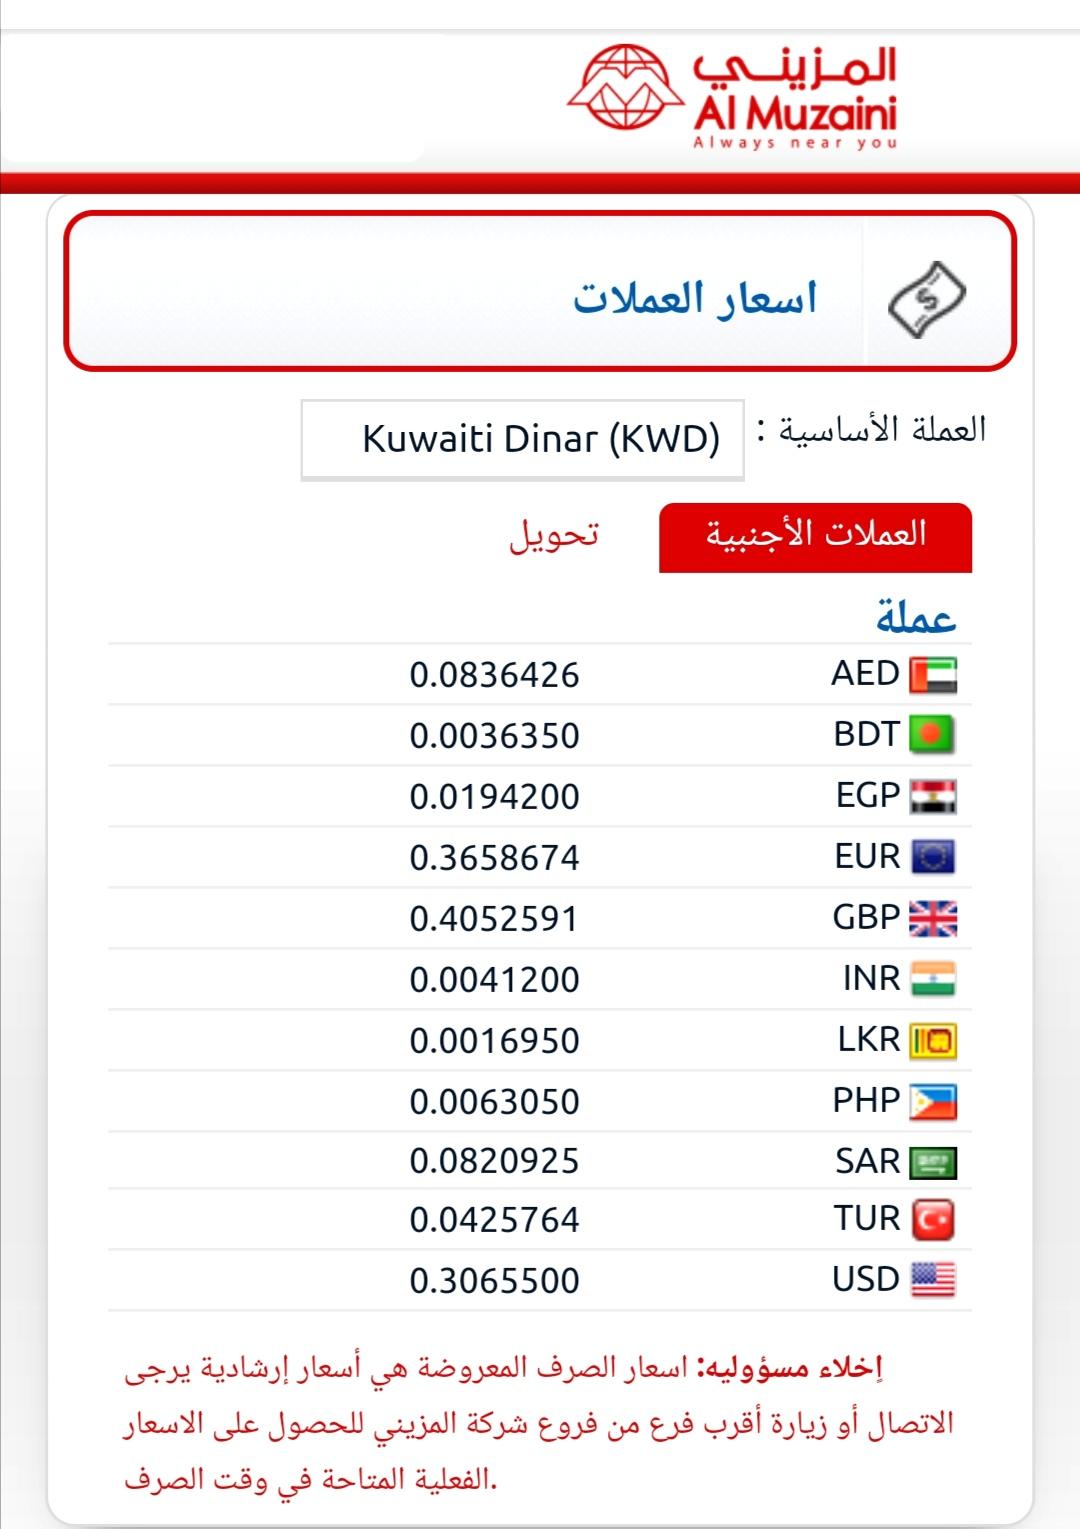 الالف المصري في صرافة المزيني اليوم اسعار العملات المزينى صرافات الكويت ١٦ أغسطس